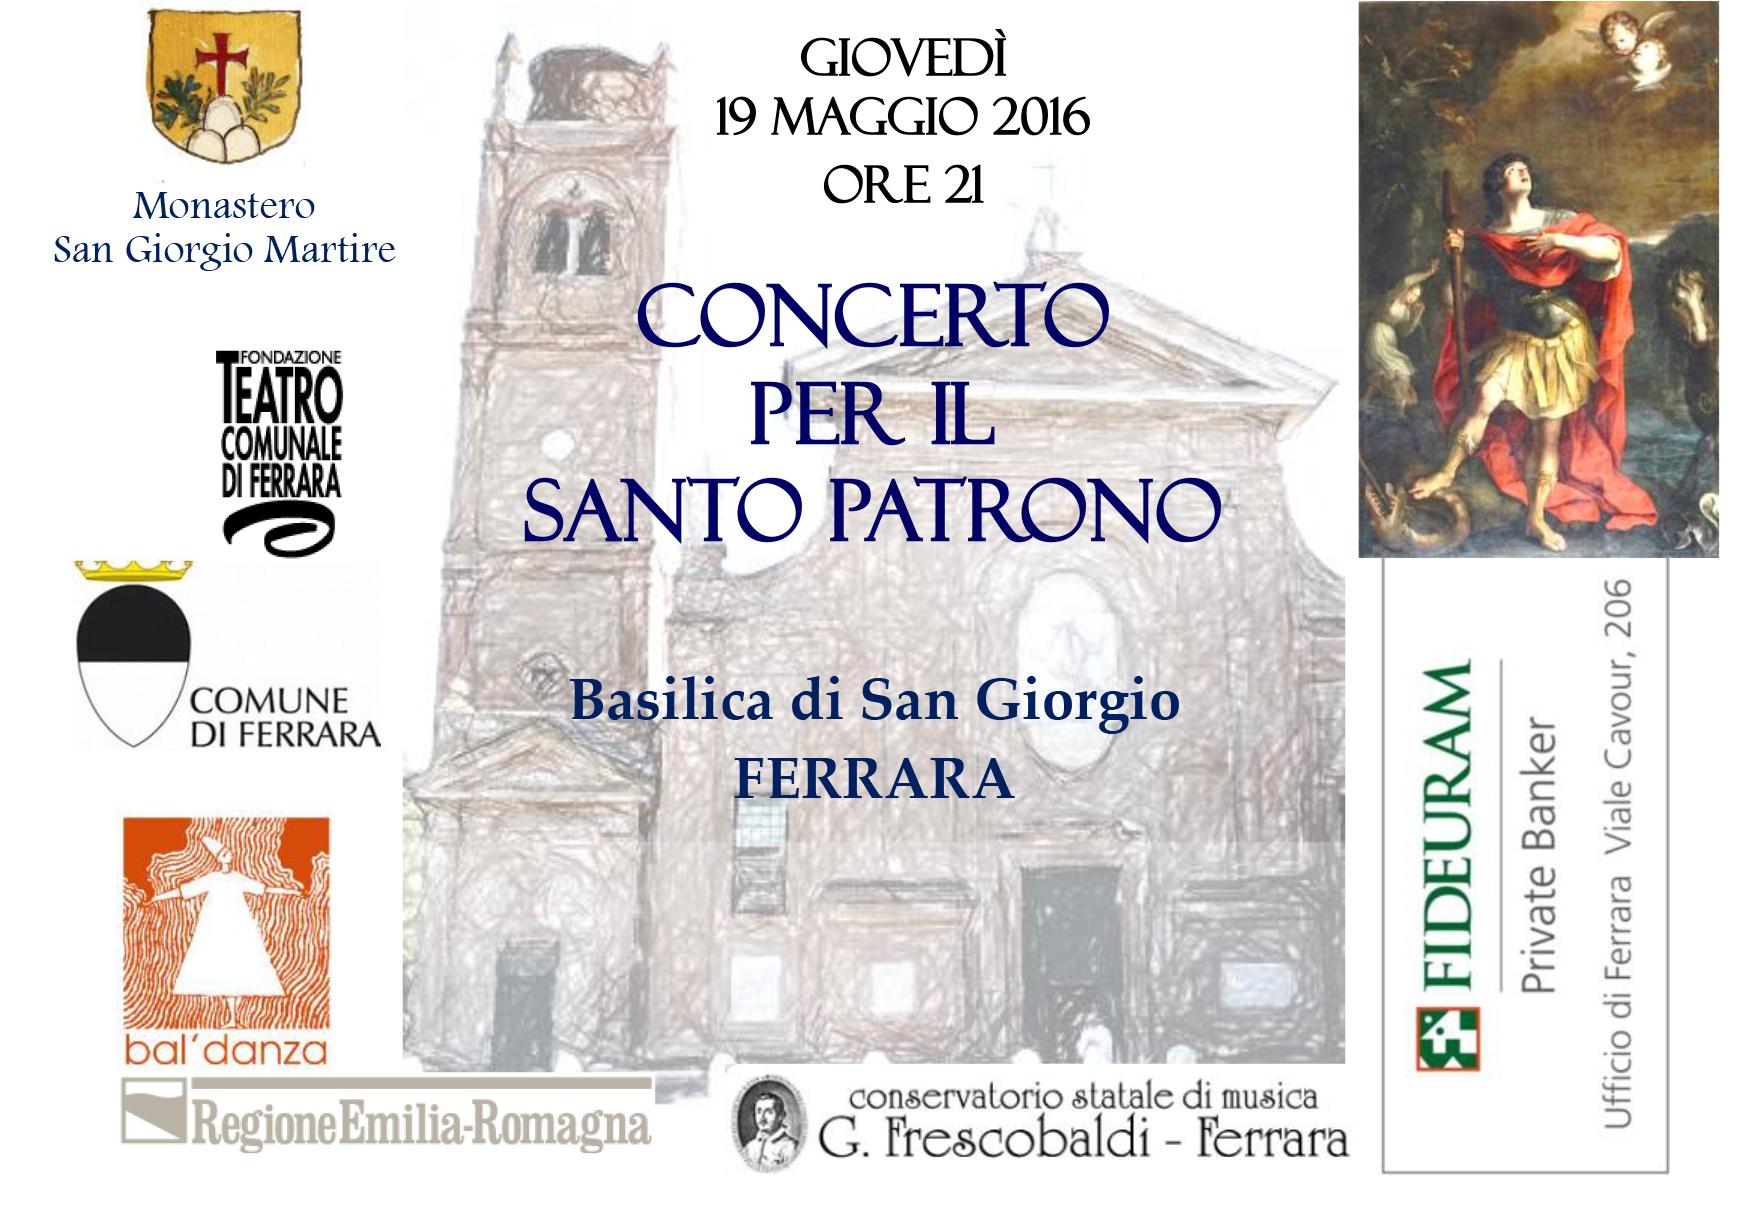 Cartolina-CONCERTO-PER-IL-SANTO-PATRONO-1